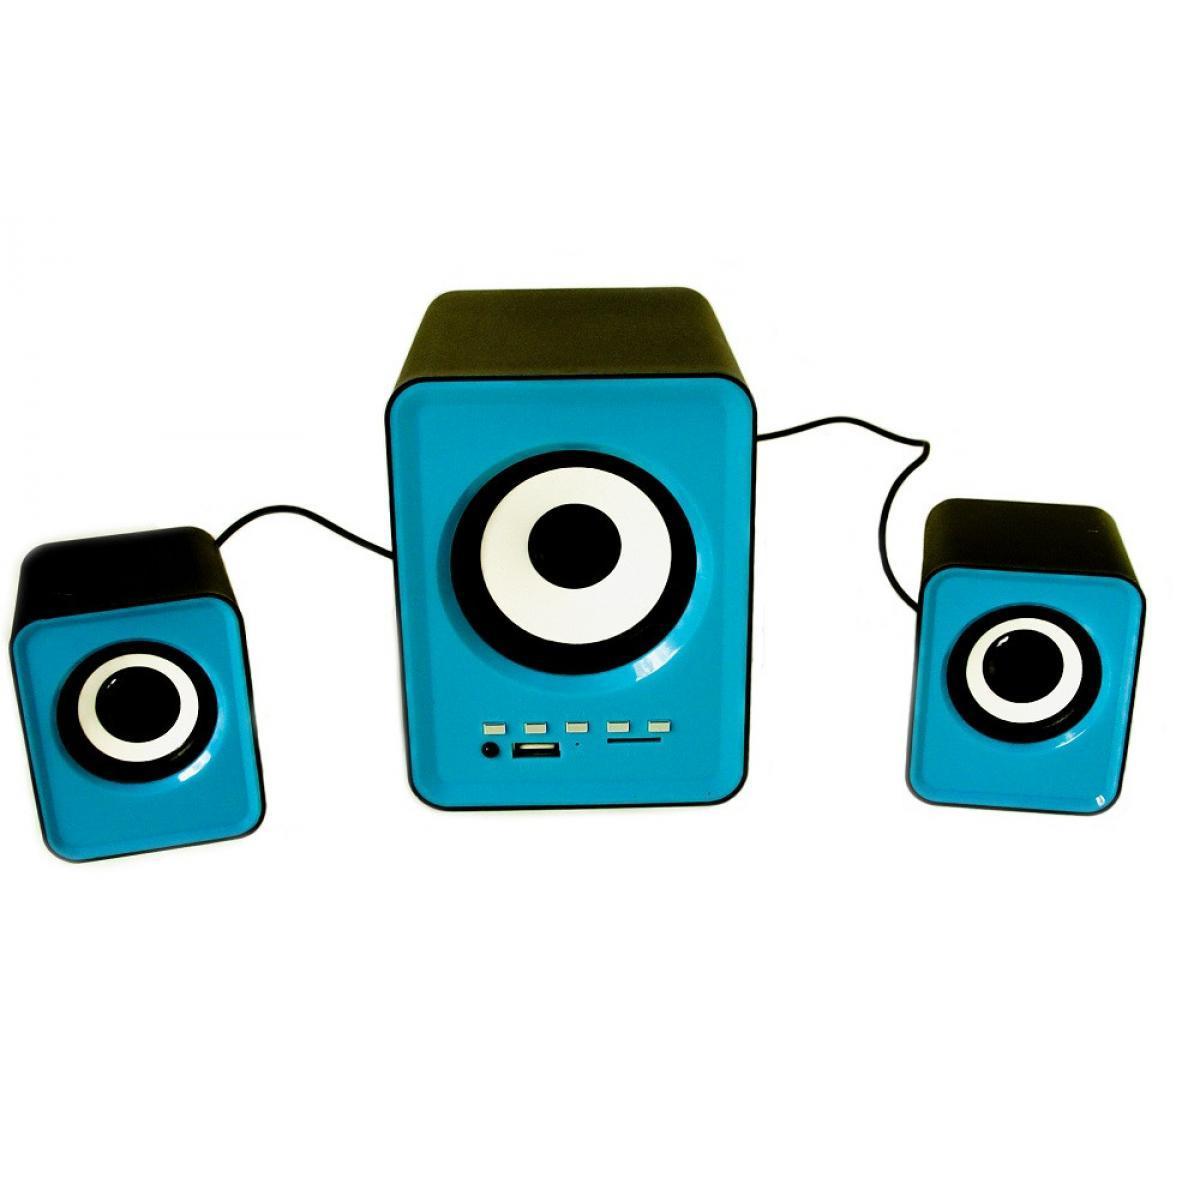 Колонки для компьютера FnT SW-201U, синие